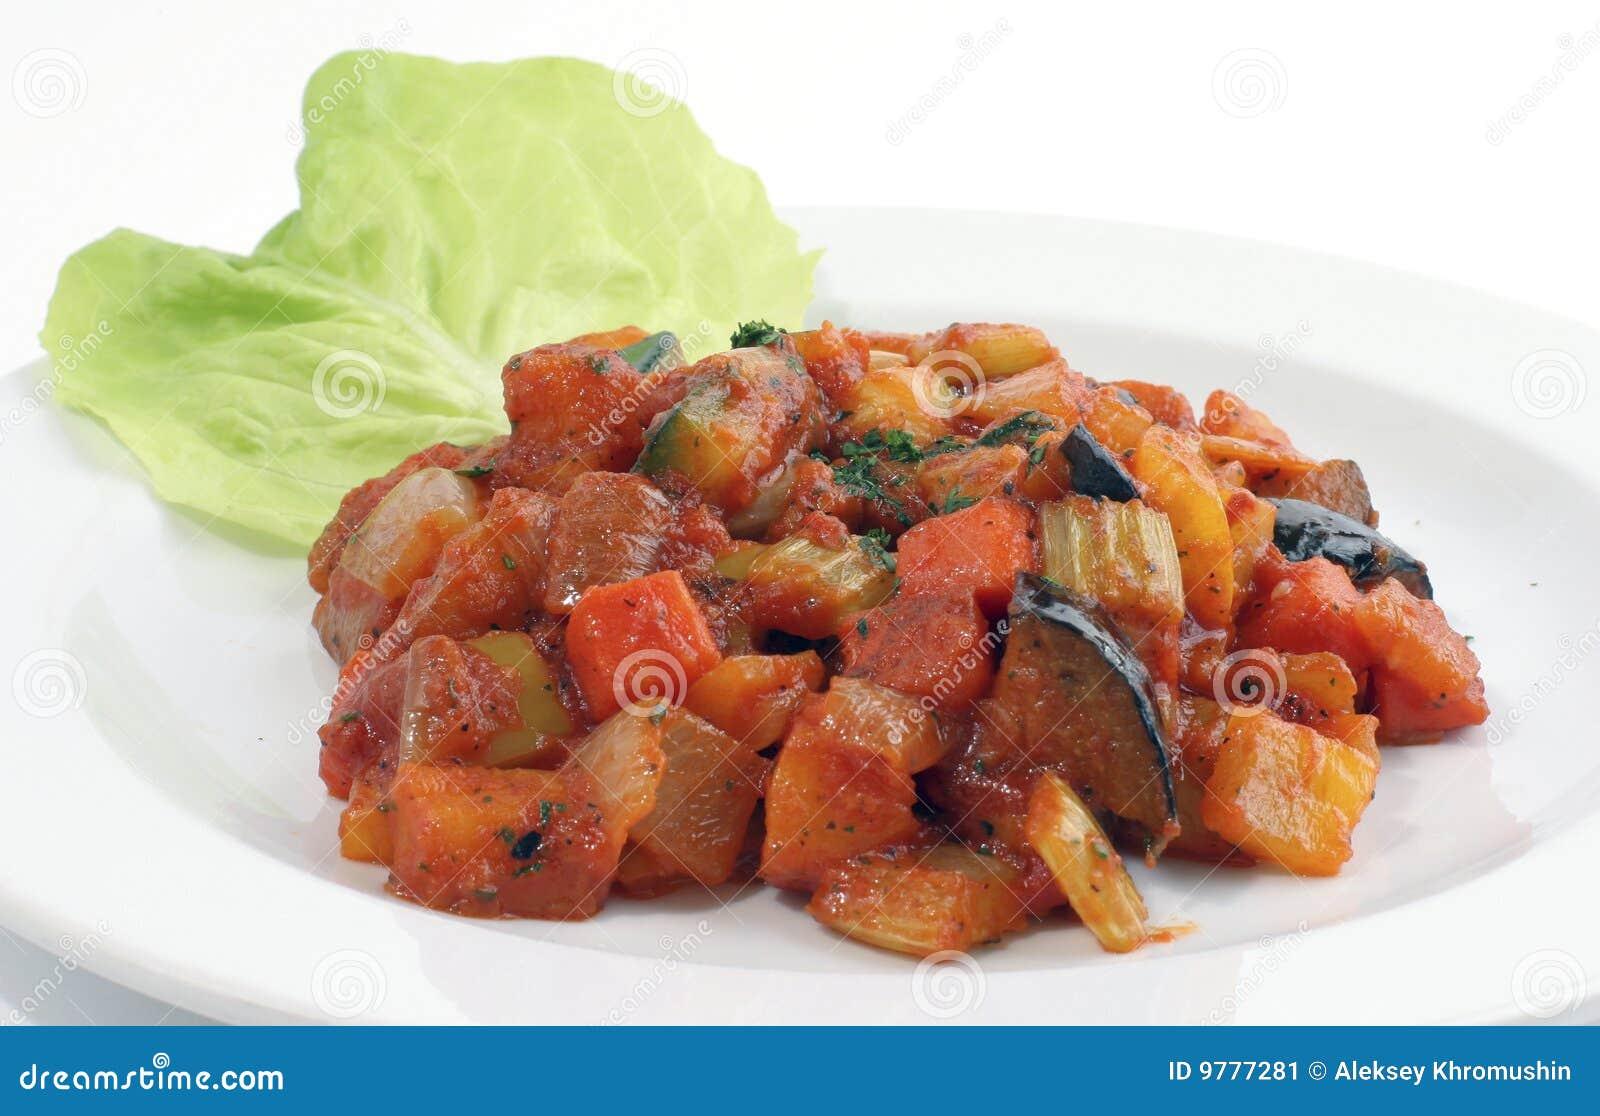 Italian hotchpotch